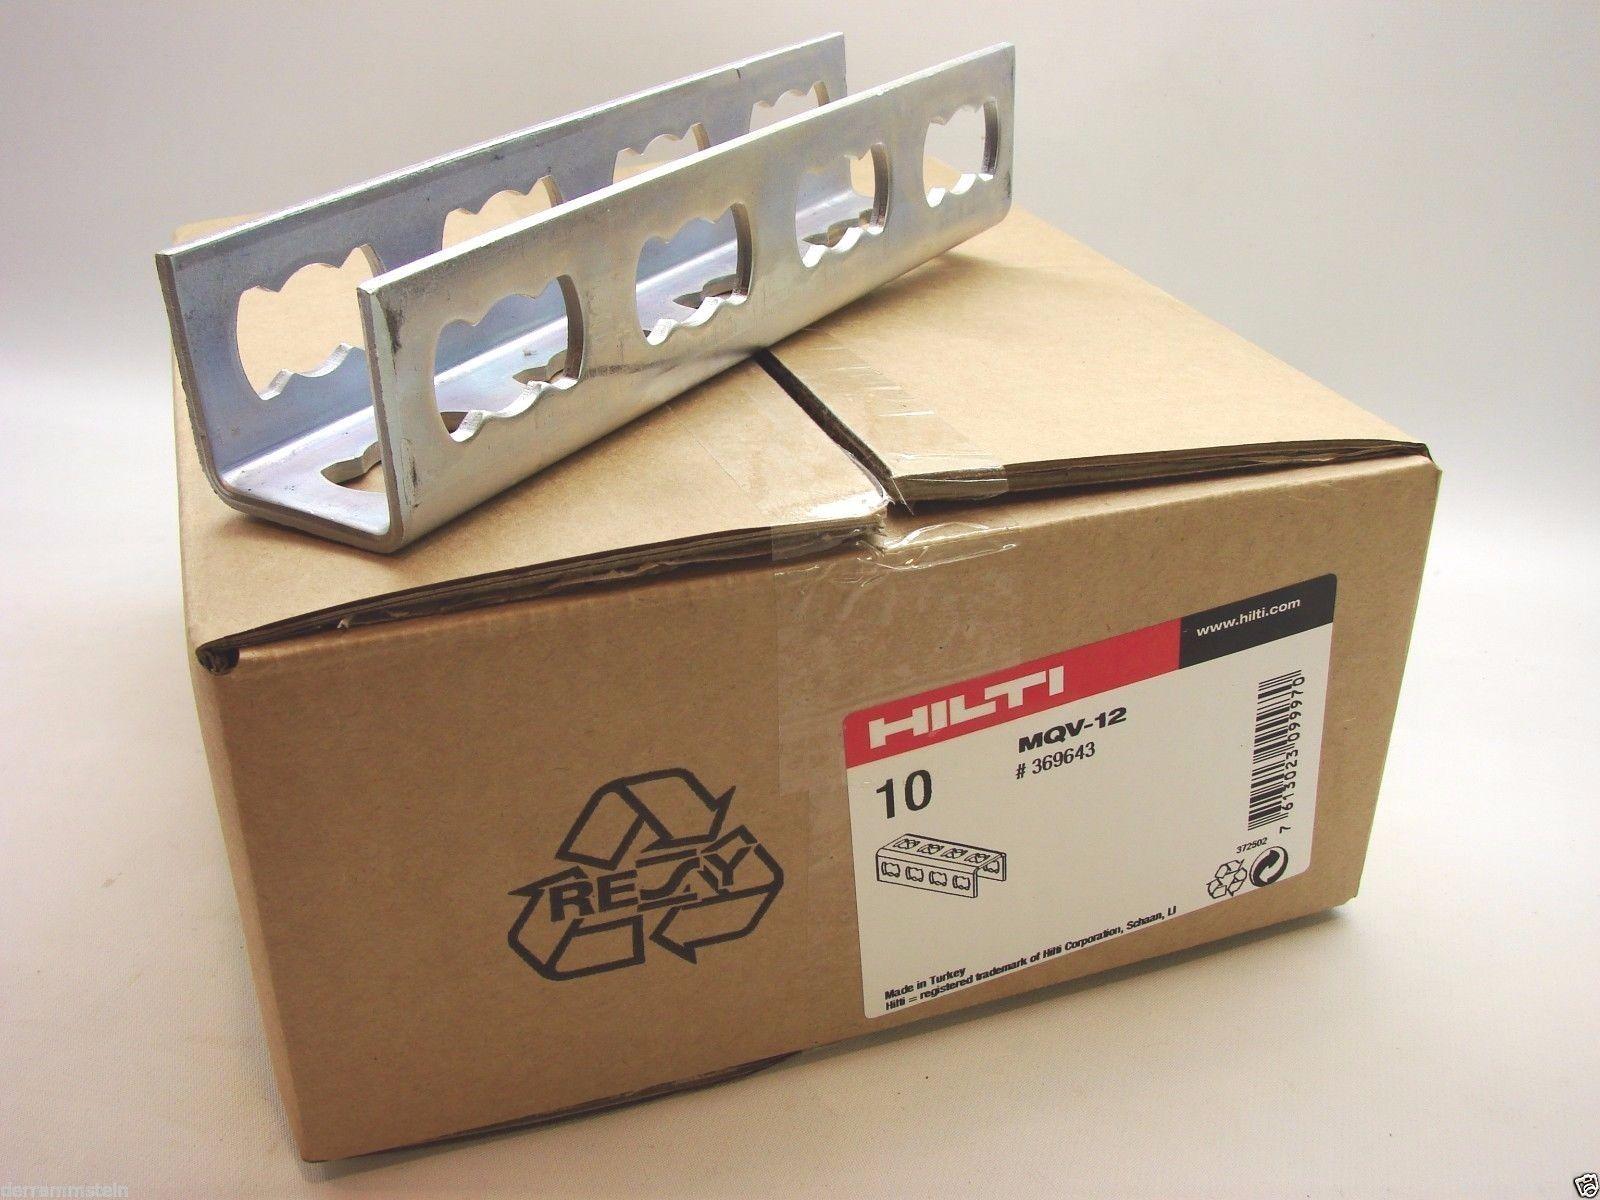 New Hilti MQV-12 Strut Connector Box Of 10 Electro Galvanized 4mm Thick UniStrut